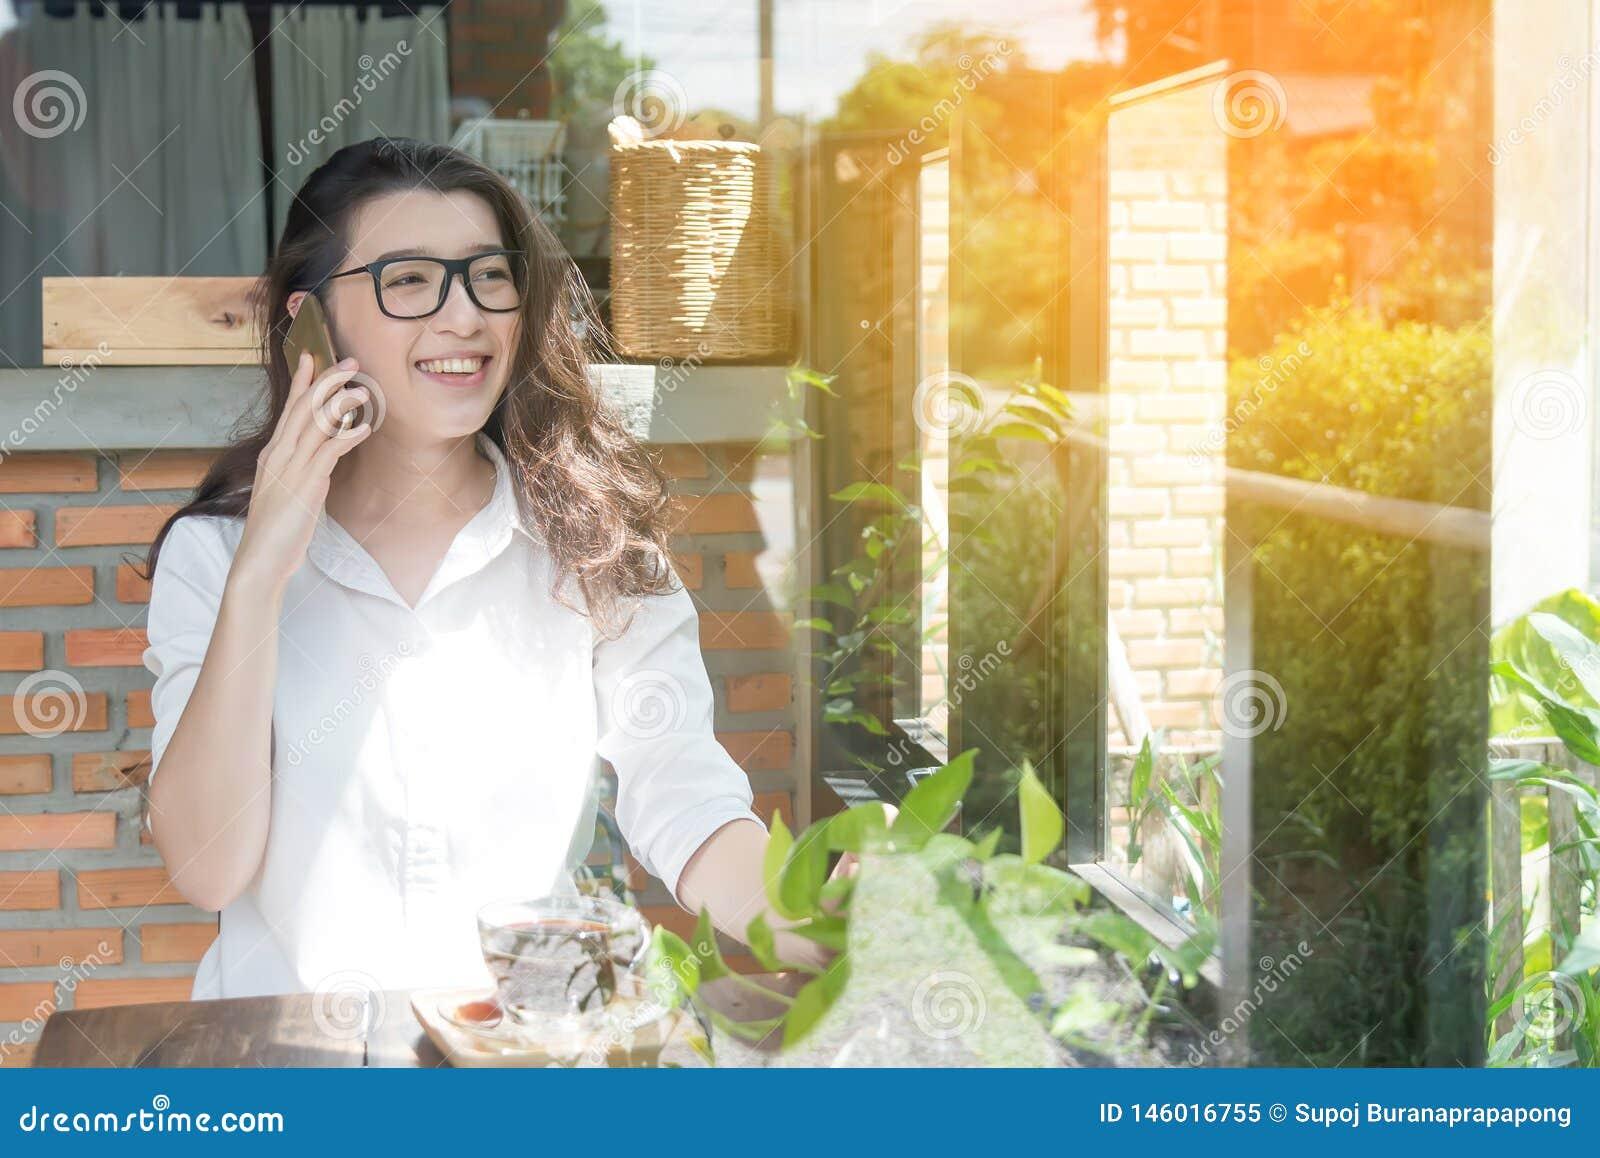 Νέα συνεδρίαση χαμόγελου επιχειρησιακών γυναικών εύθυμη στον καφέ πεζουλιών, που απολαμβάνει τη σε απευθείας σύνδεση επικοινωνία